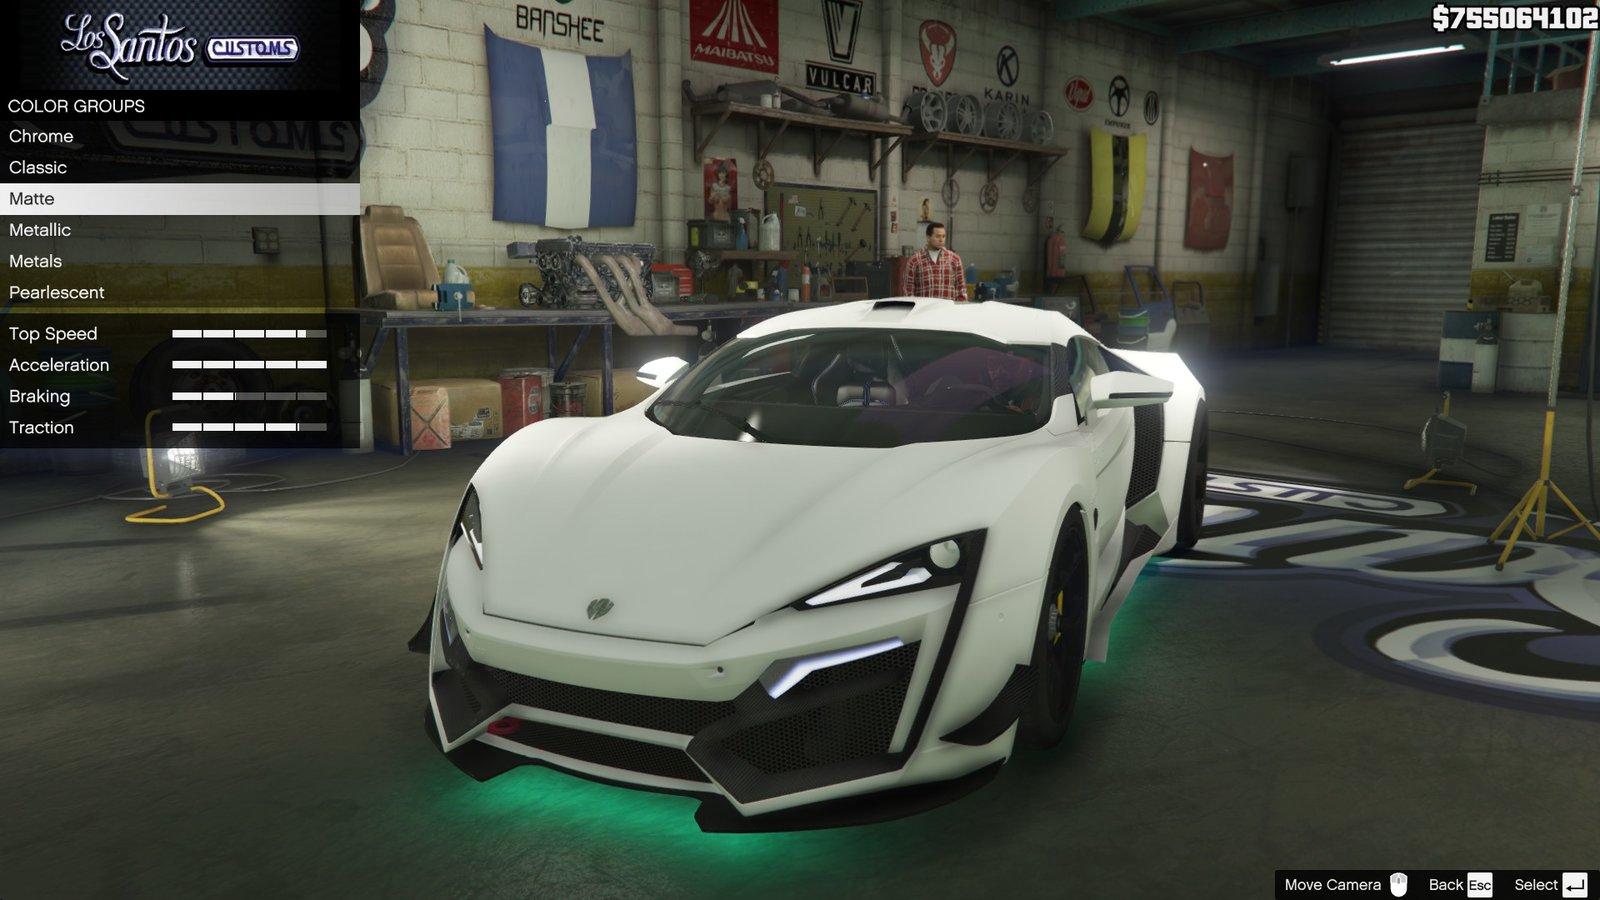 Download Area » GTA V » Cars » WMotors